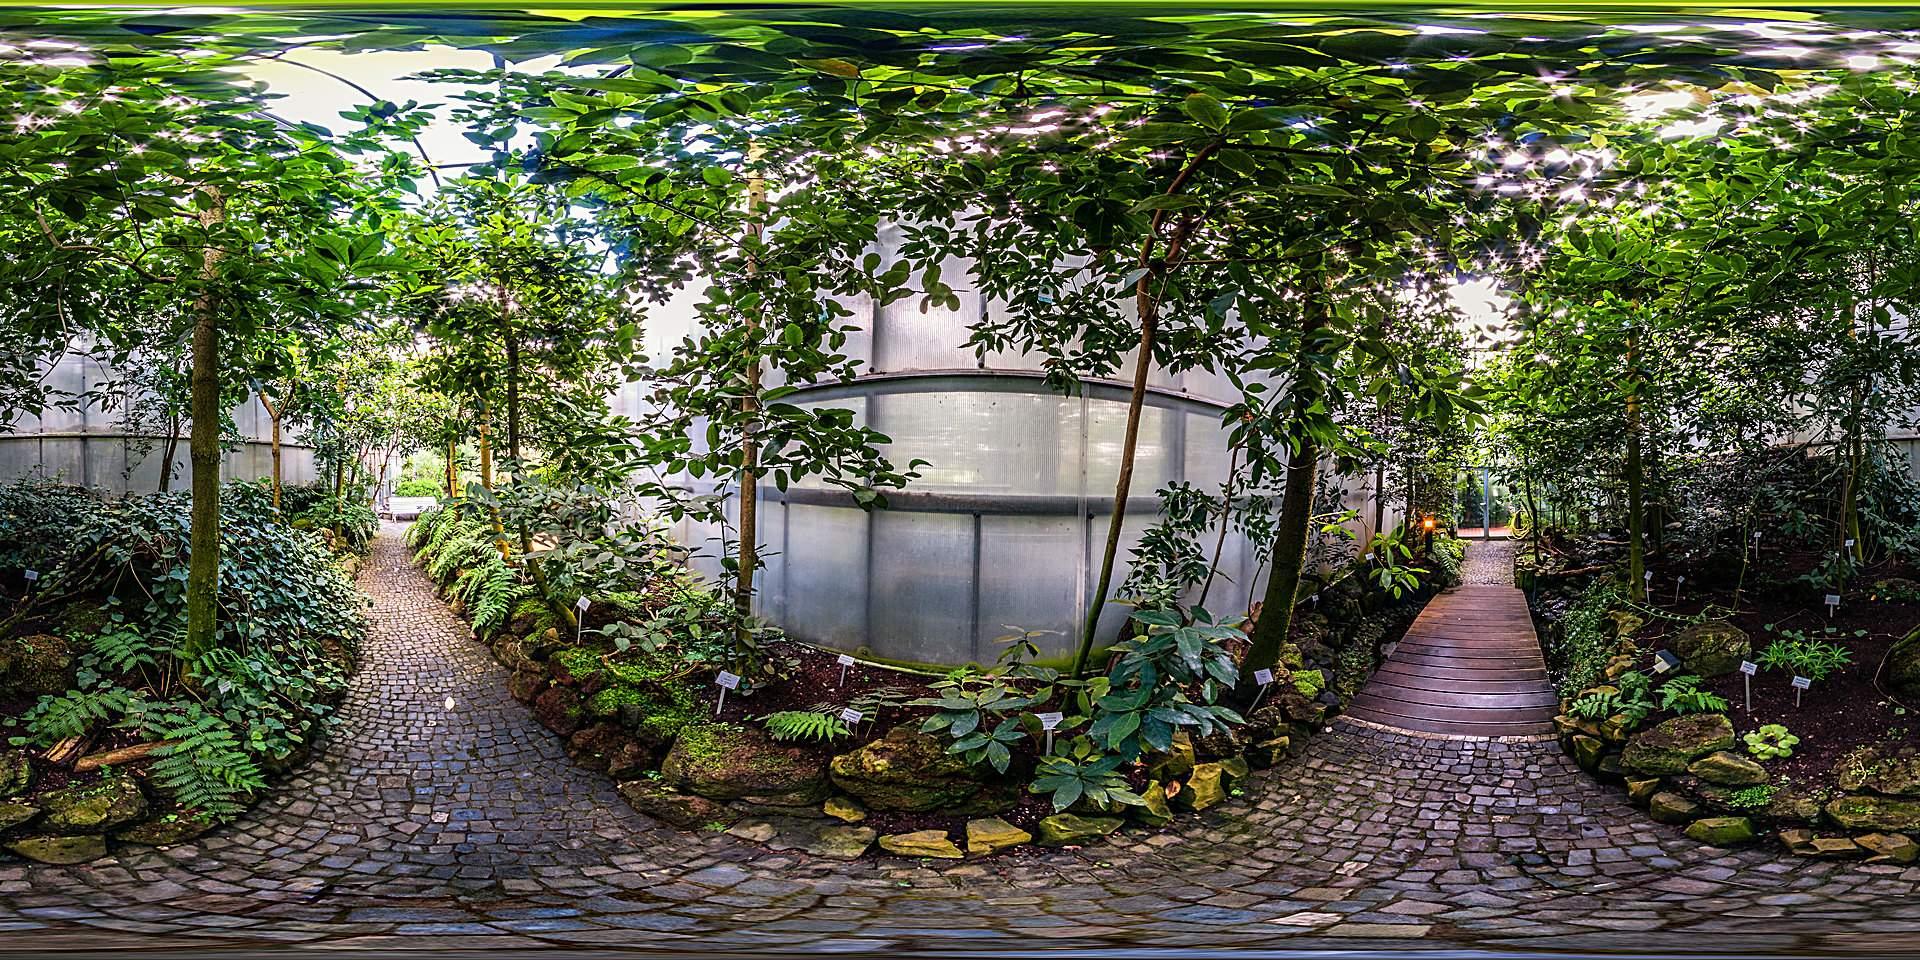 Botanischer Garten Marburg Reizend Botanischer Garten Marburg Lorbeerwald Botanischer Garten